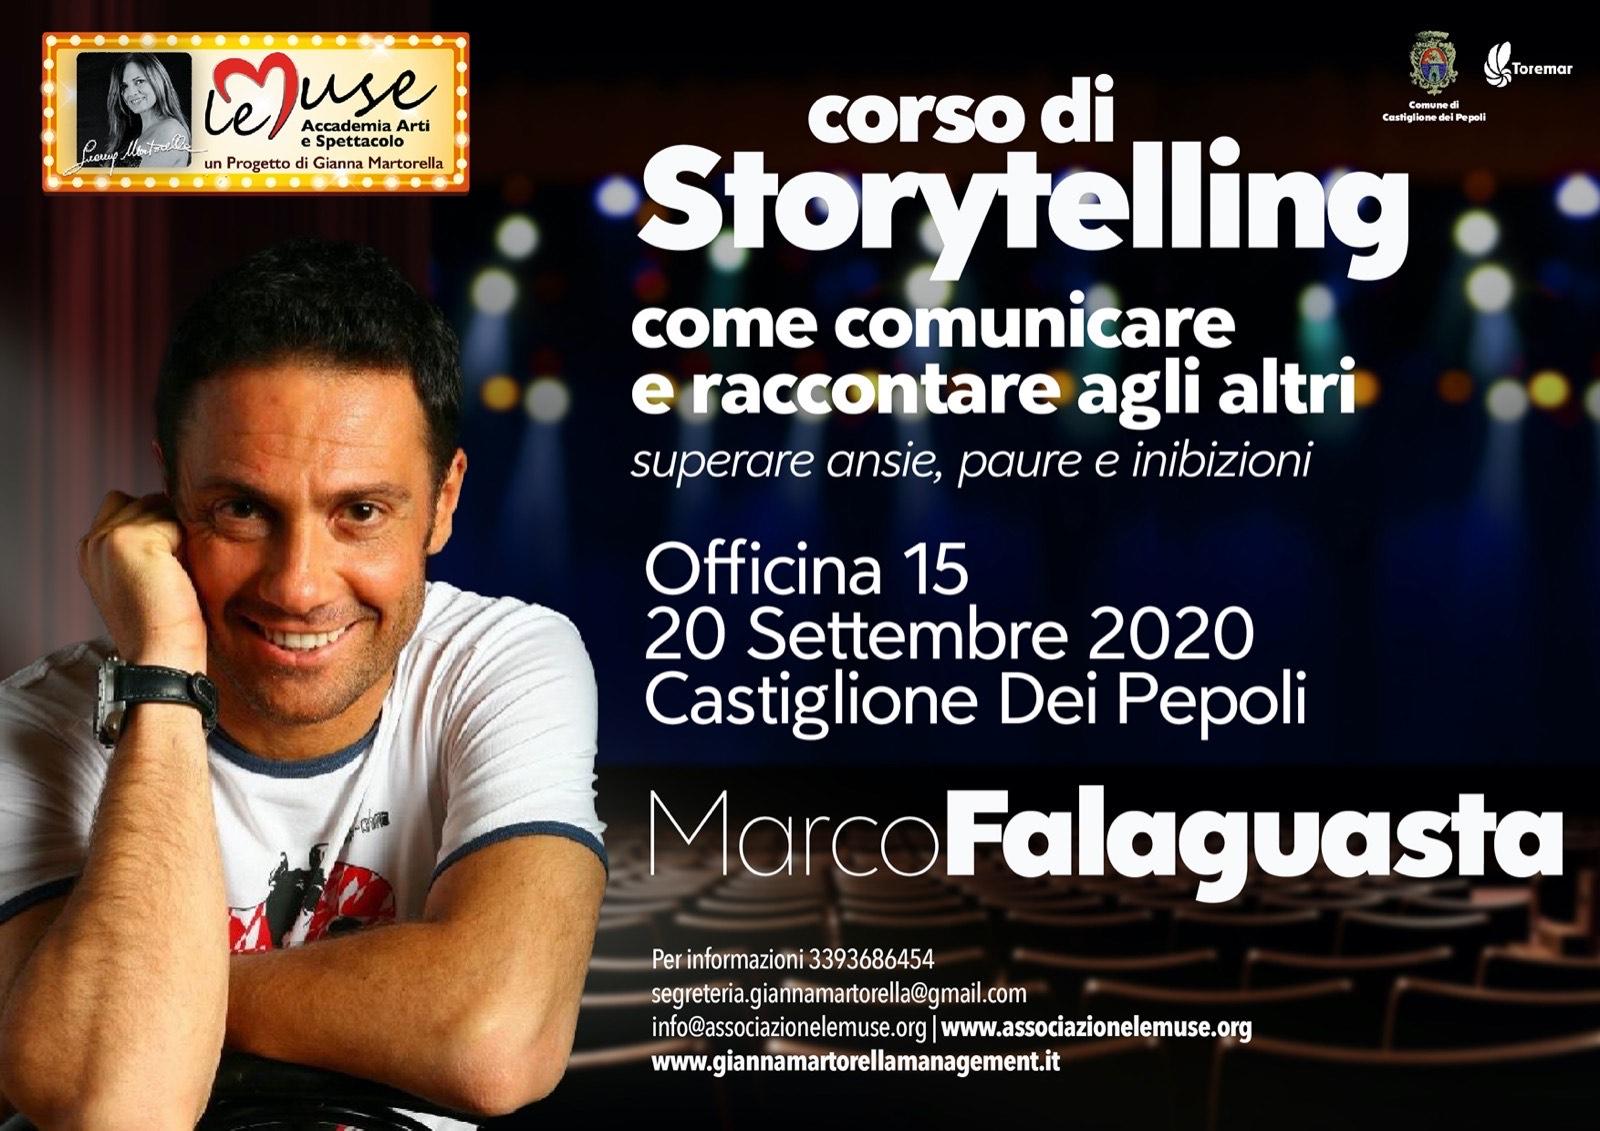 20 settembre 2020 Marco Falaguasta a Castiglion dei Pepoli